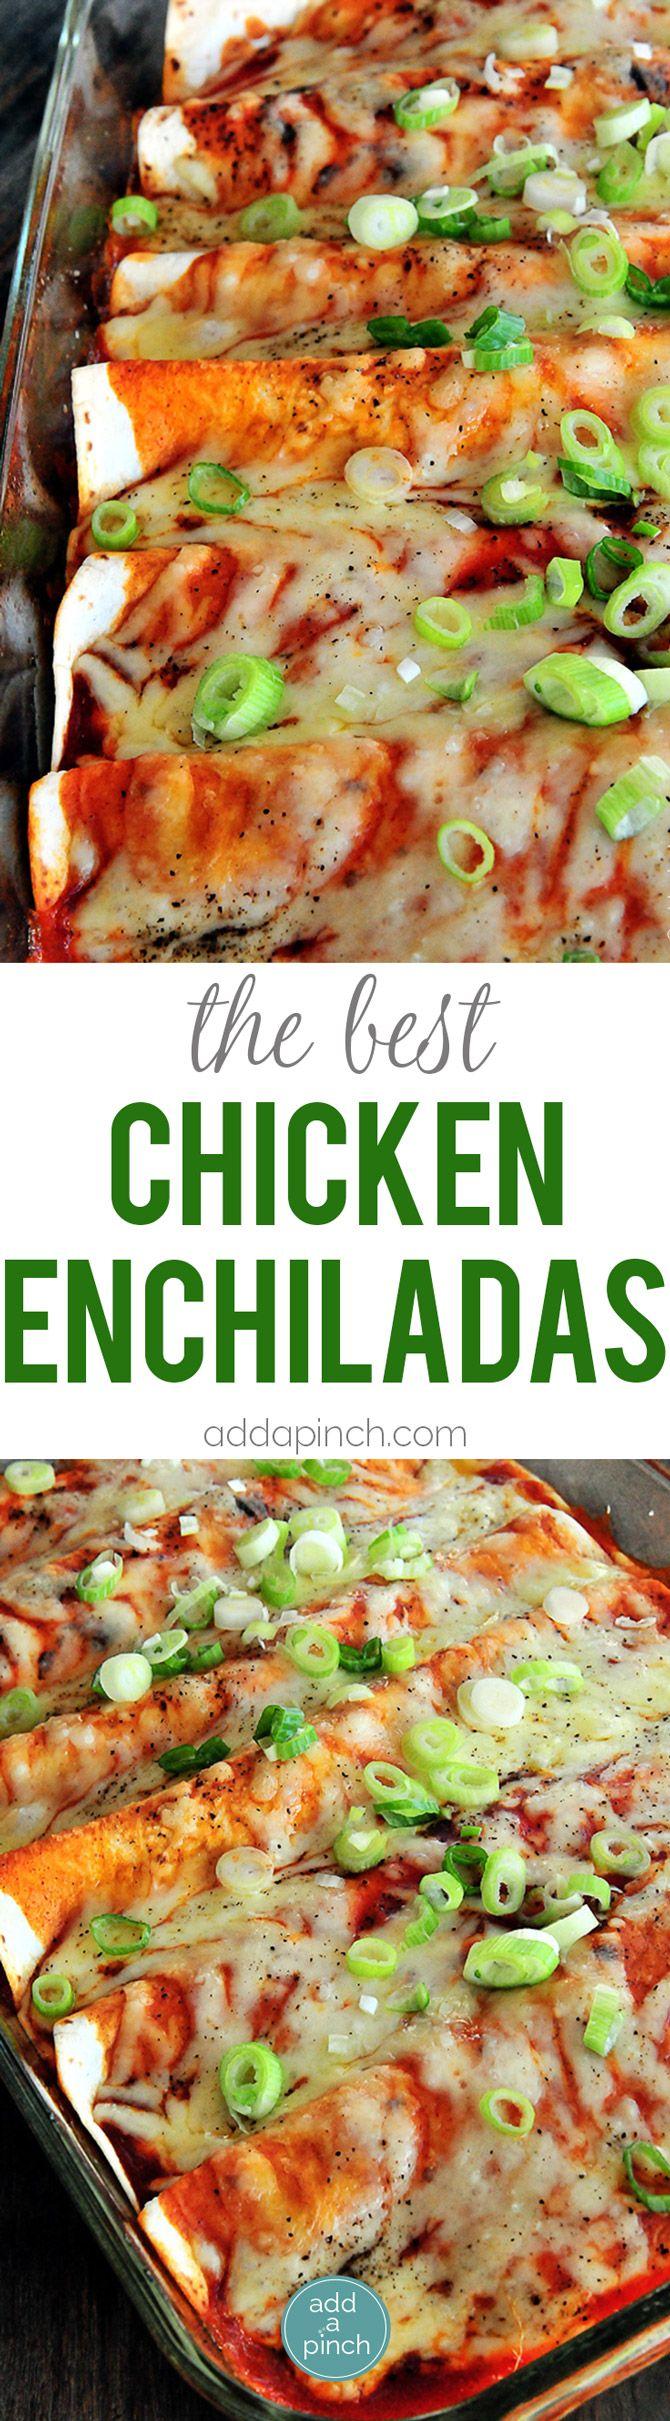 Chicken Enchiladas opskrift - Kylling Enchiladas gøre en perfekt aften måltid!  Alvorligt den bedste kylling enchilada opskrift og én hele familien vil elske!  Det vil blive en favorit!  // addapinch.com